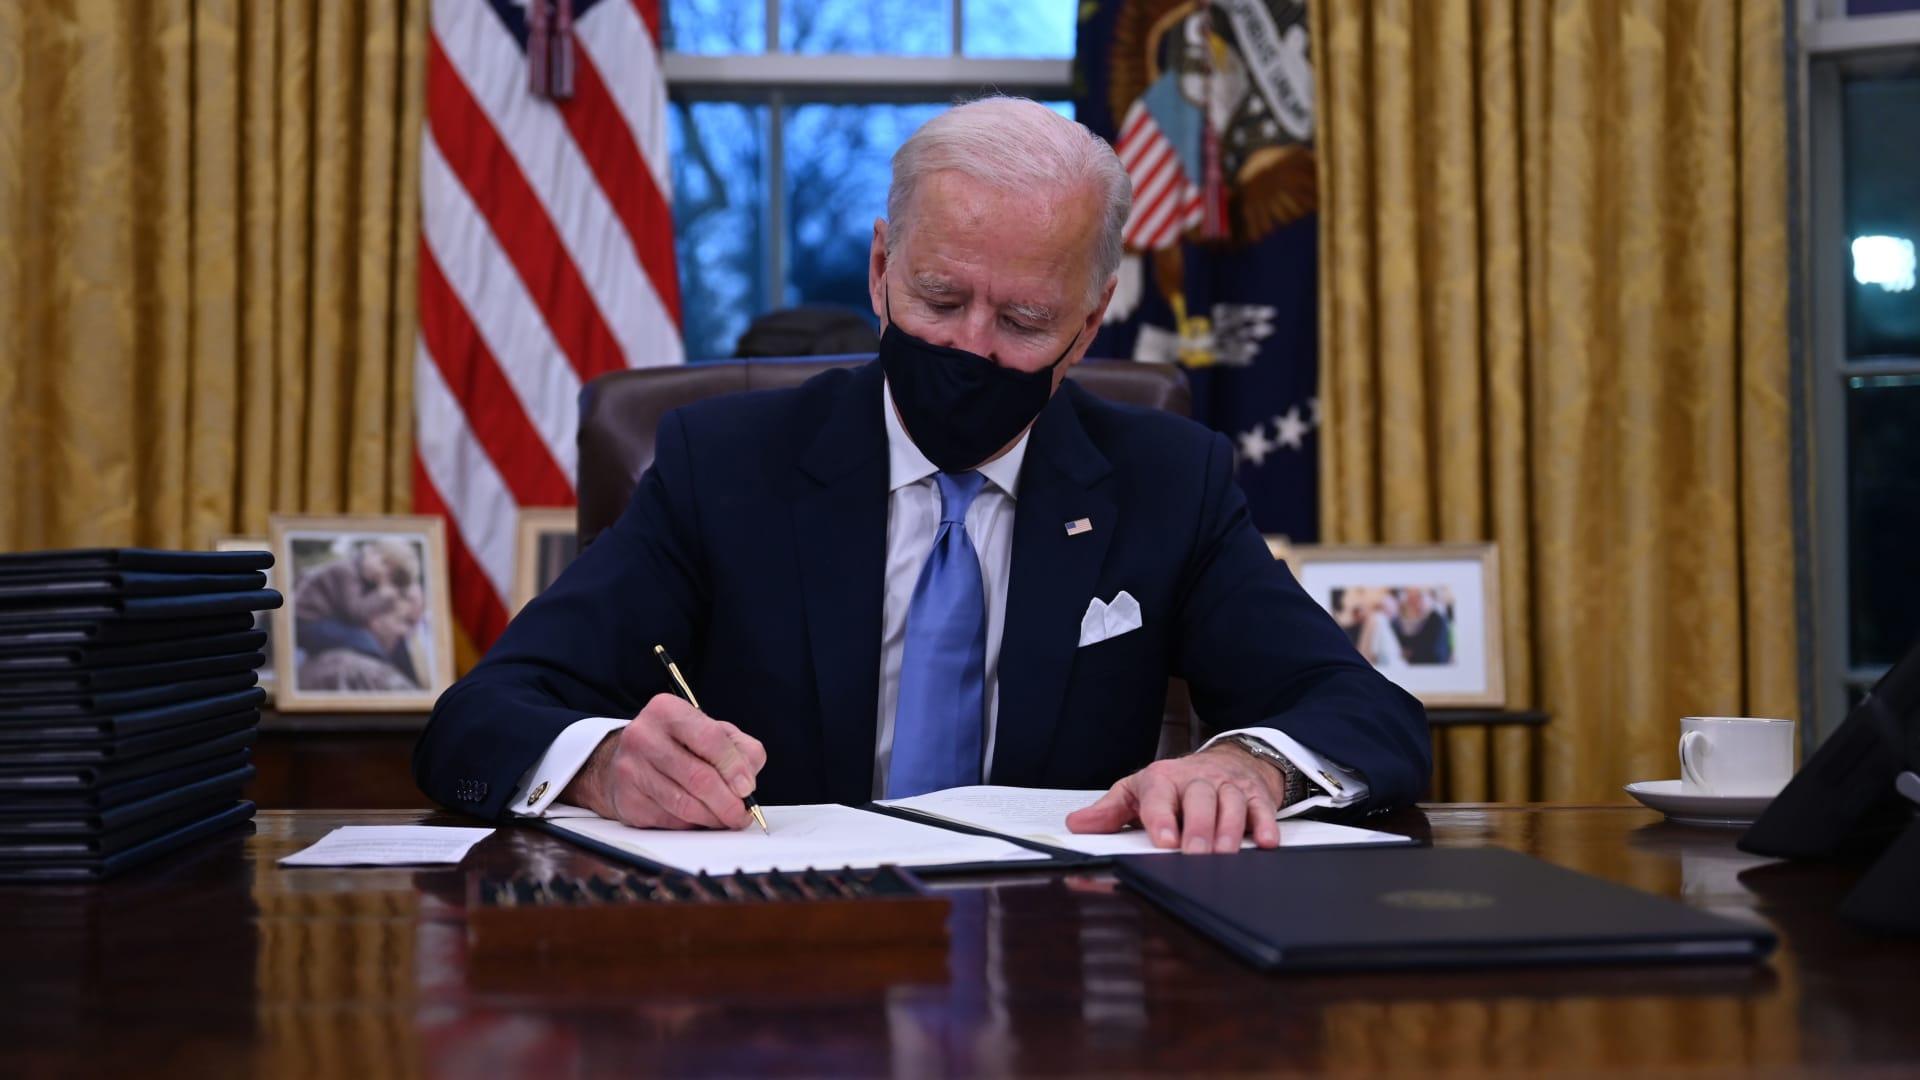 """البيت الأبيض: نتبع دبلوماسية """"هادئة ومكثفة"""" في التعامل مع الصراع بين الإسرائيليين والفلسطينيين"""